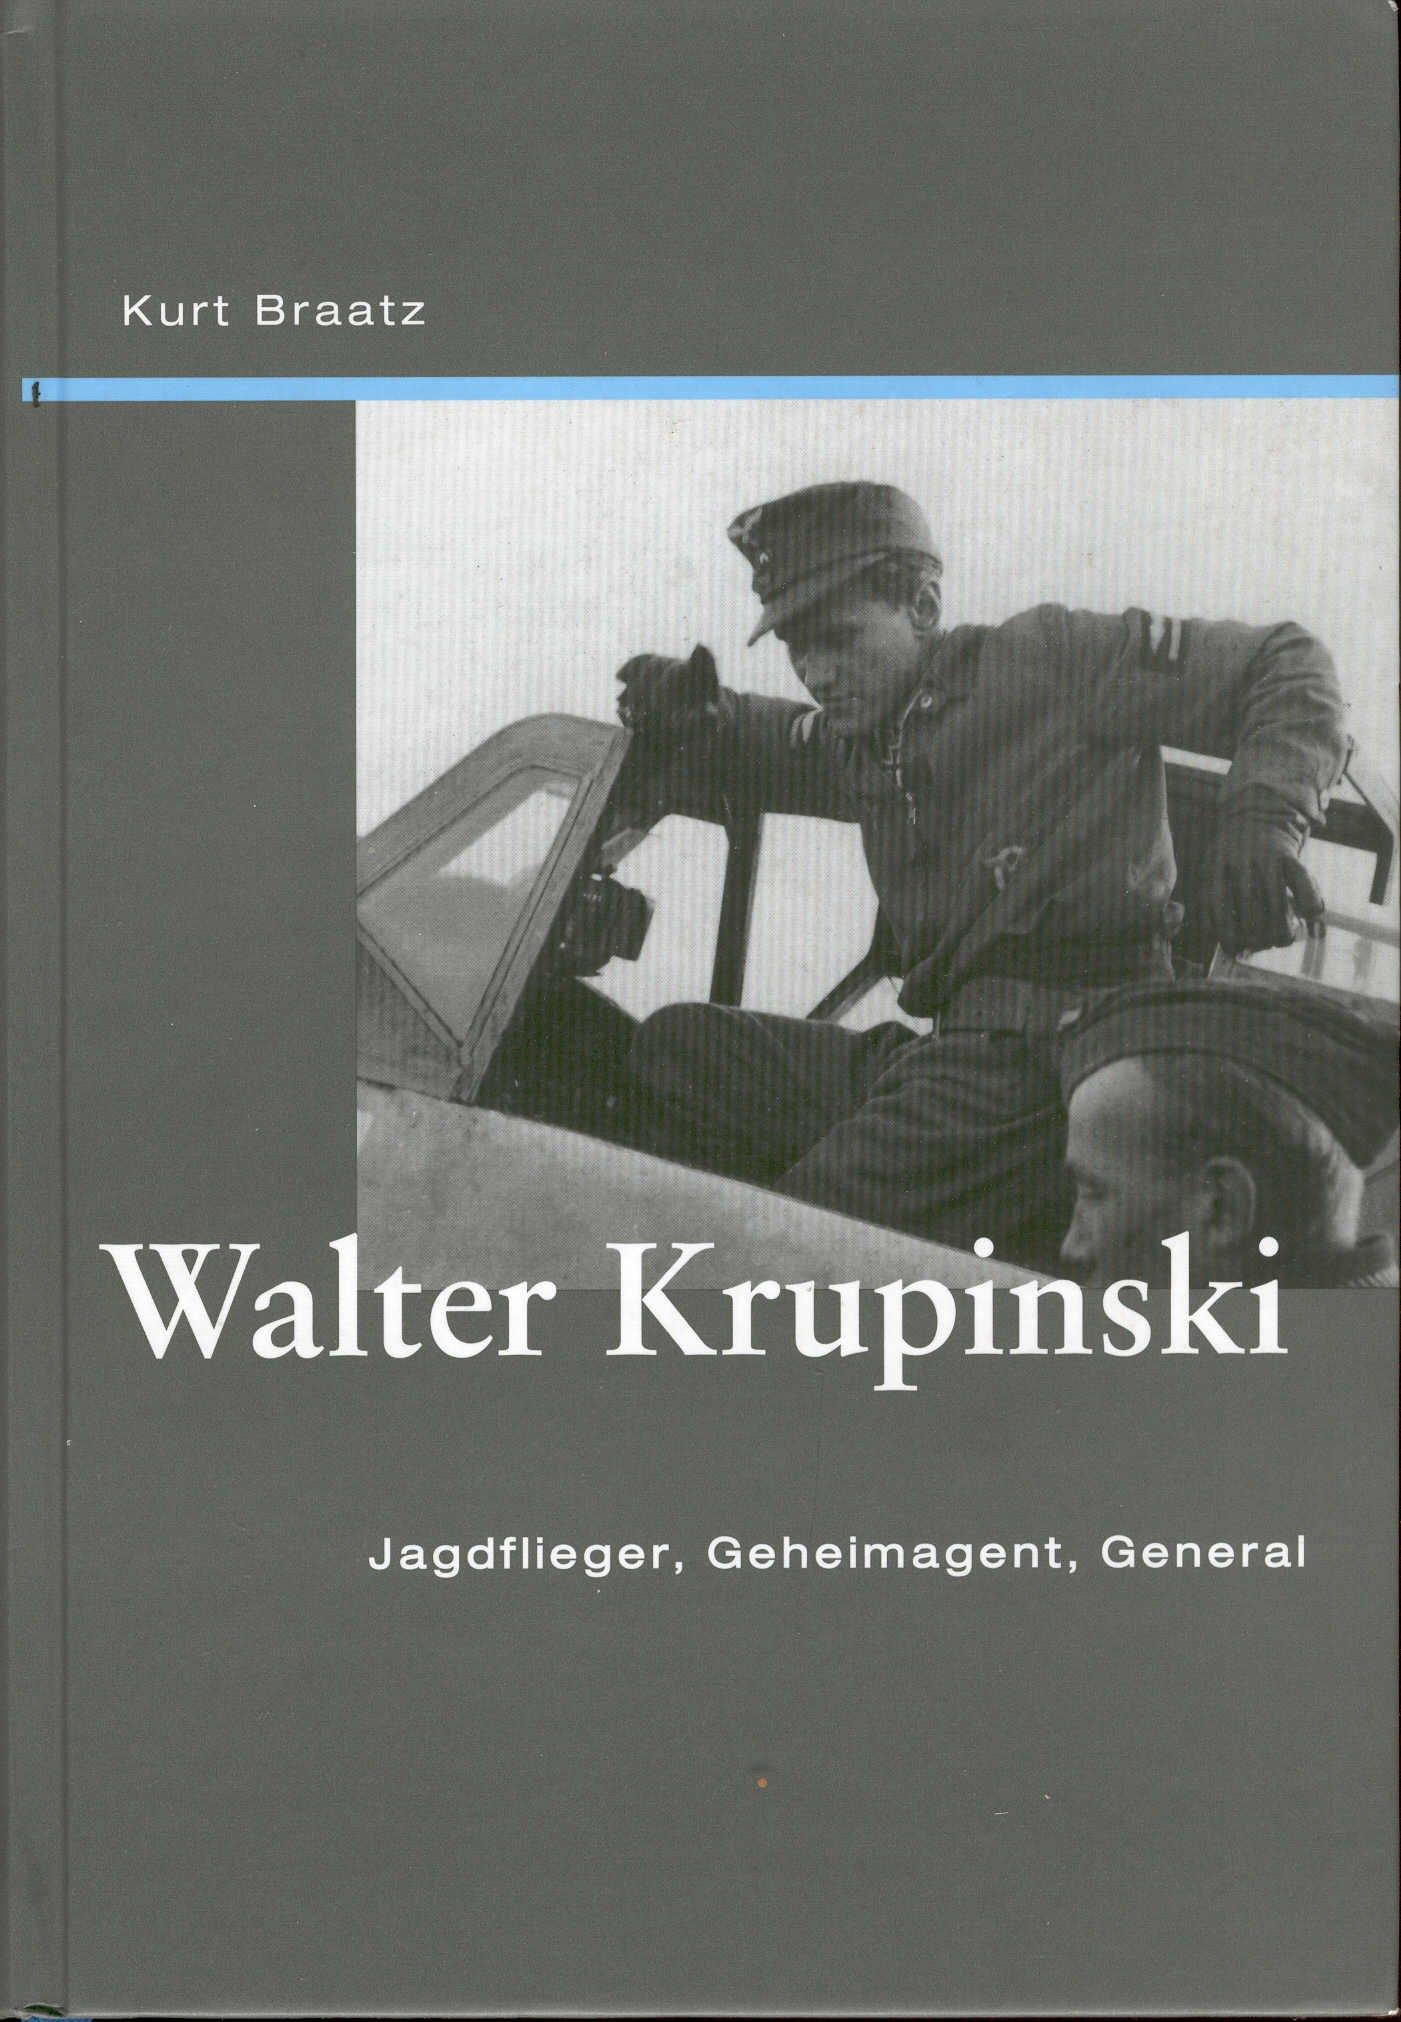 Walter Krupinski: Jagdflieger, Geheimagent, General